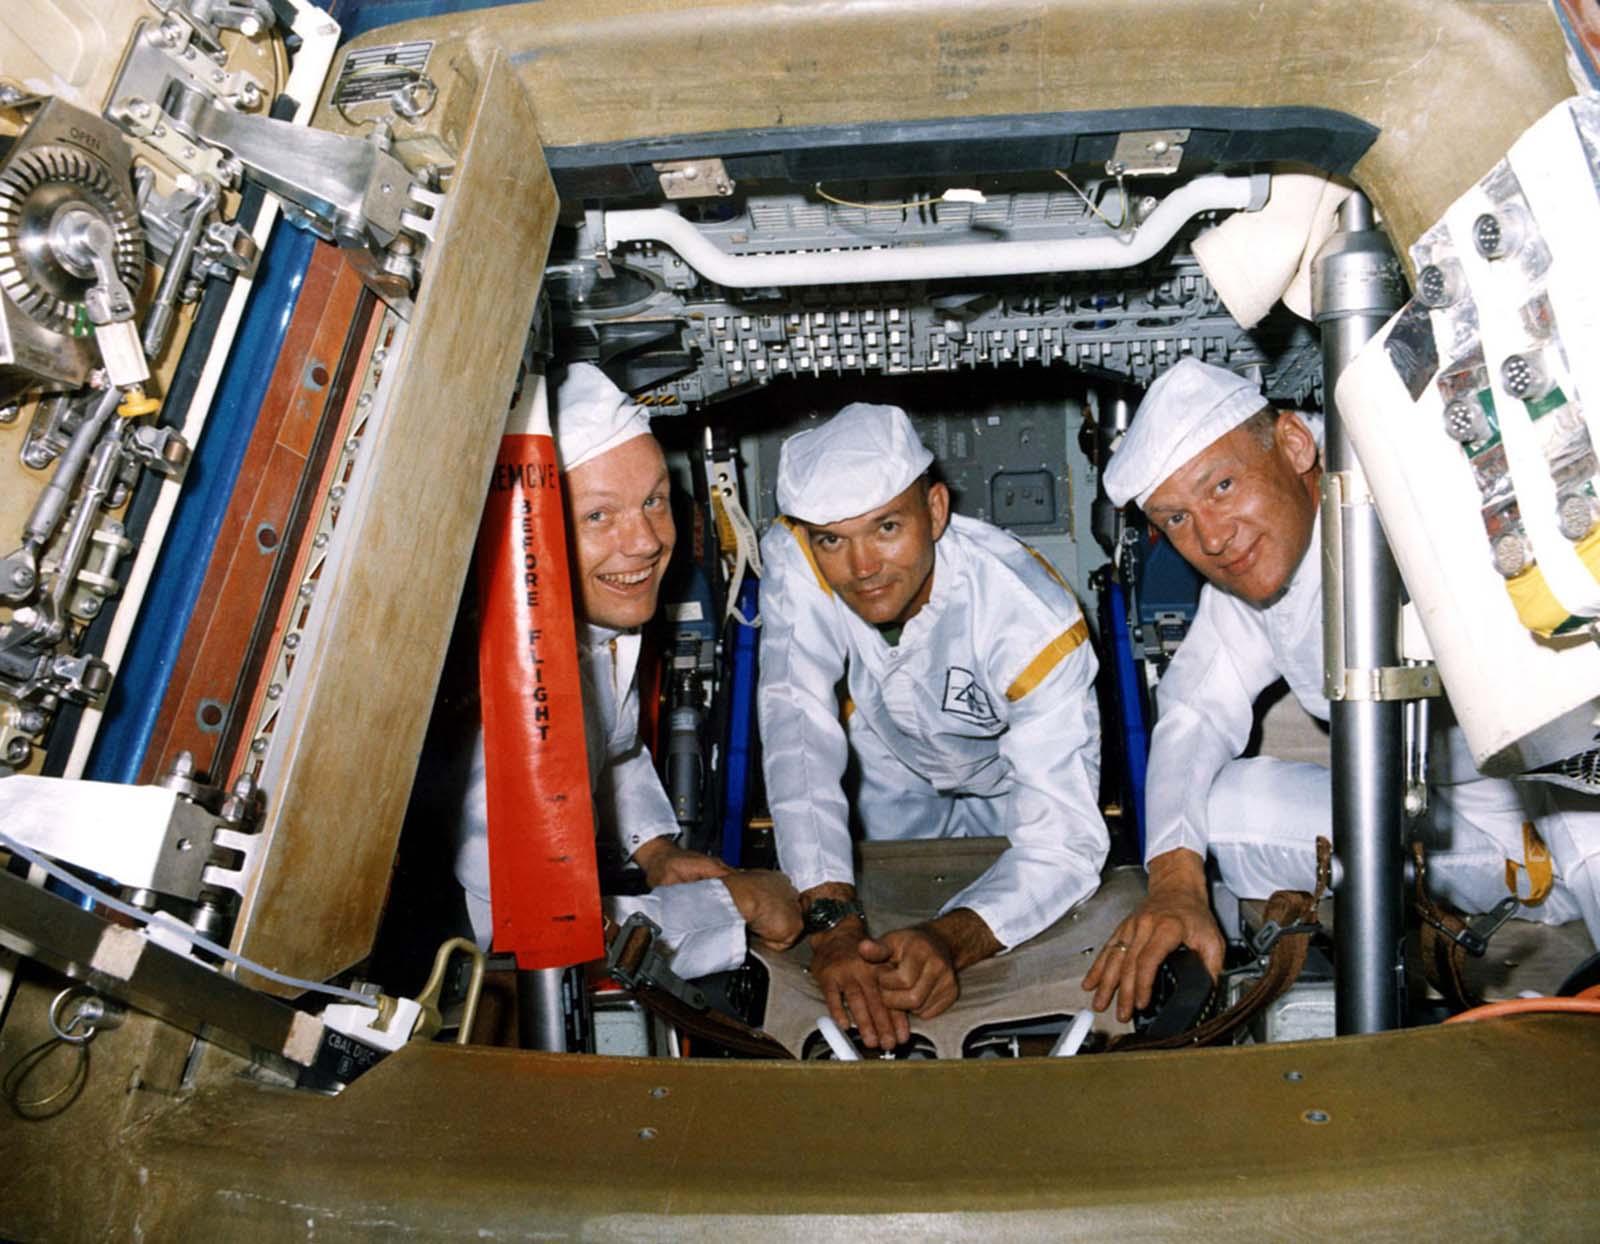 Apollo 11 preparation%2B%252828%2529 - Fotos raras da preparação de Neil Armstrong antes de ir a Lua